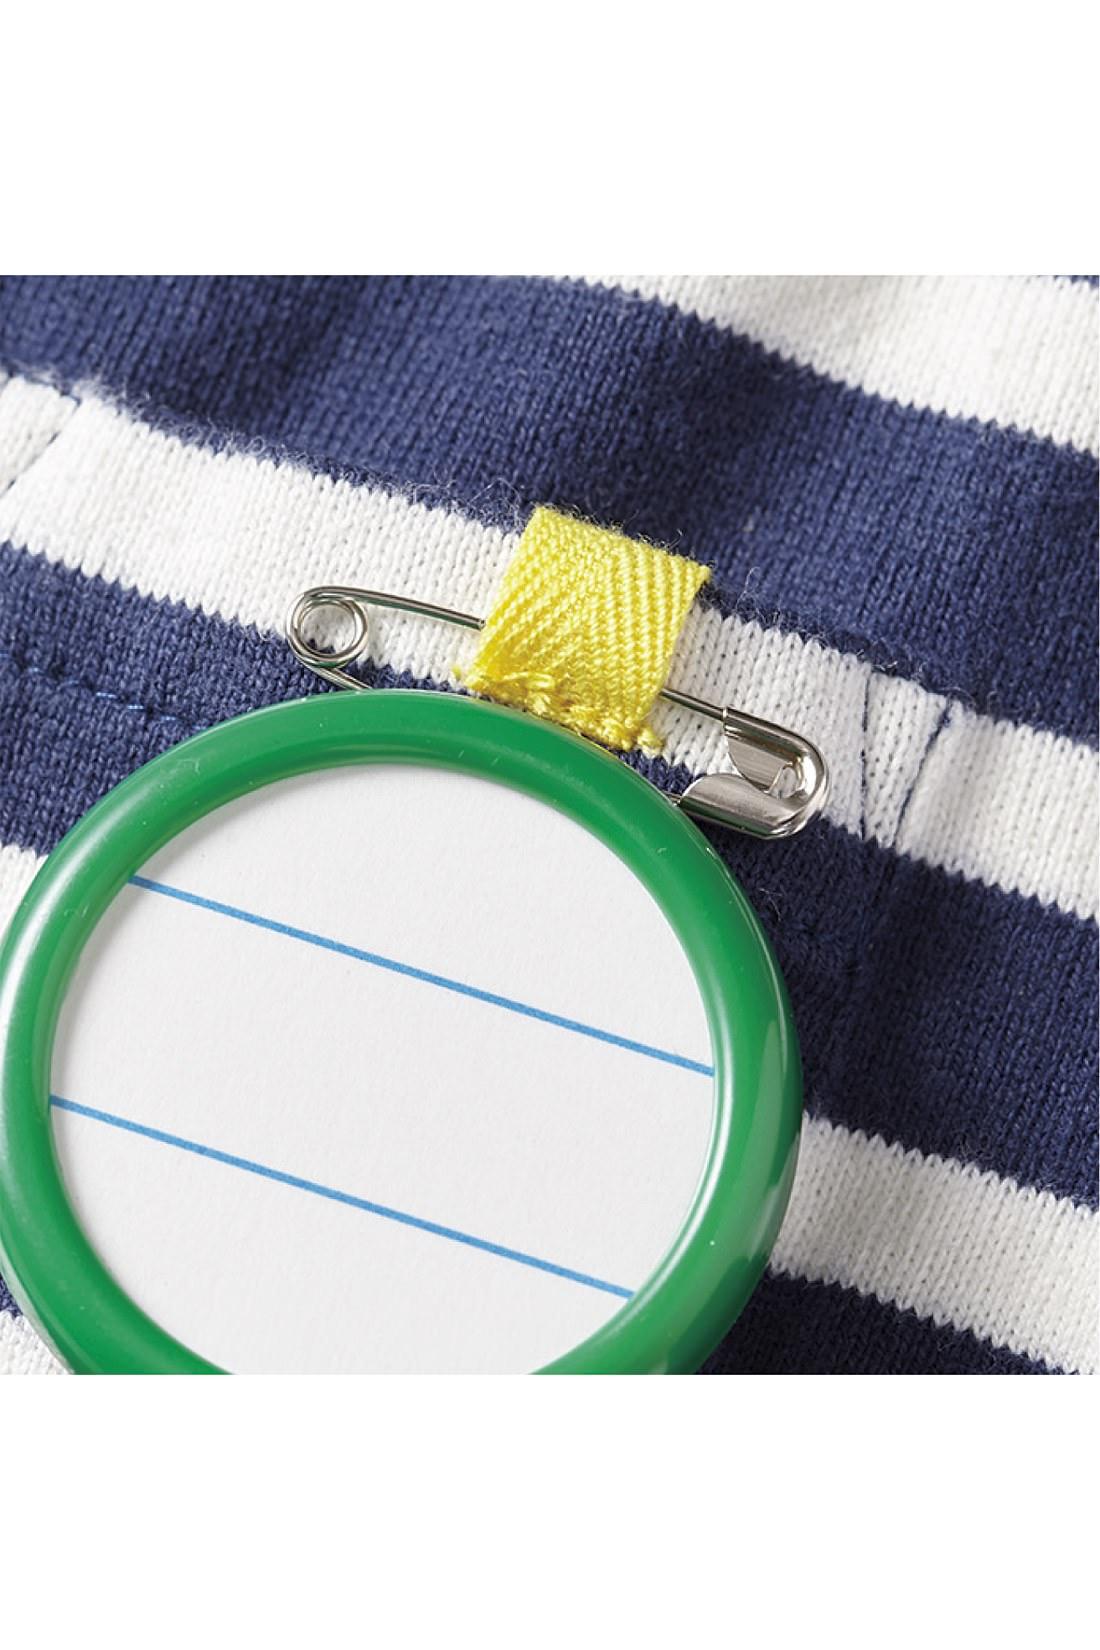 これは参考画像です。キッズトップスの胸ポケットには、ネームピンが通せるループタグ付き。